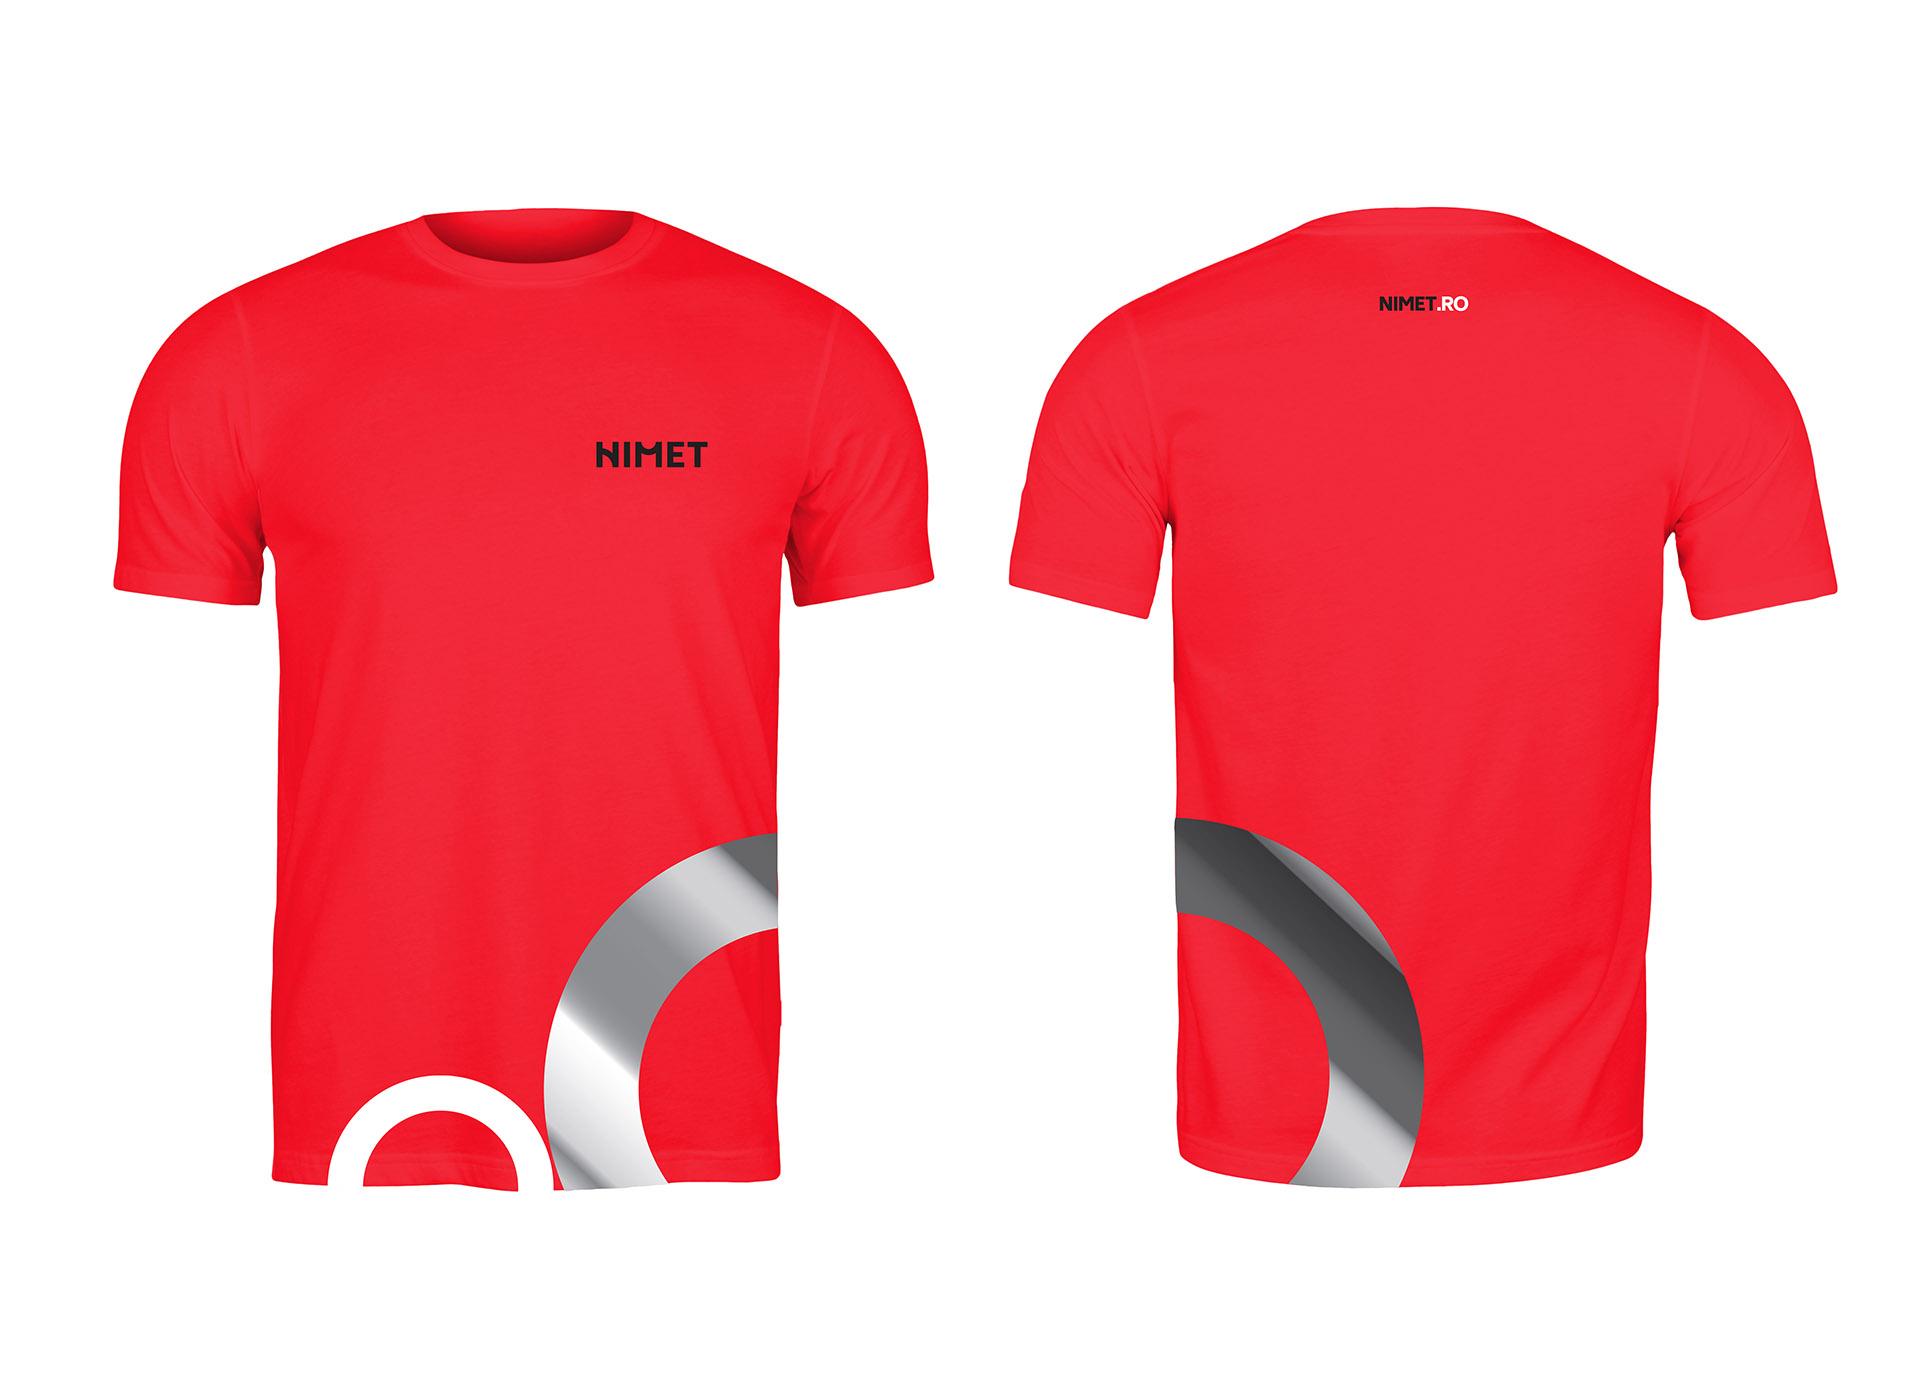 NIMET portofoliu inoveo t-shirt